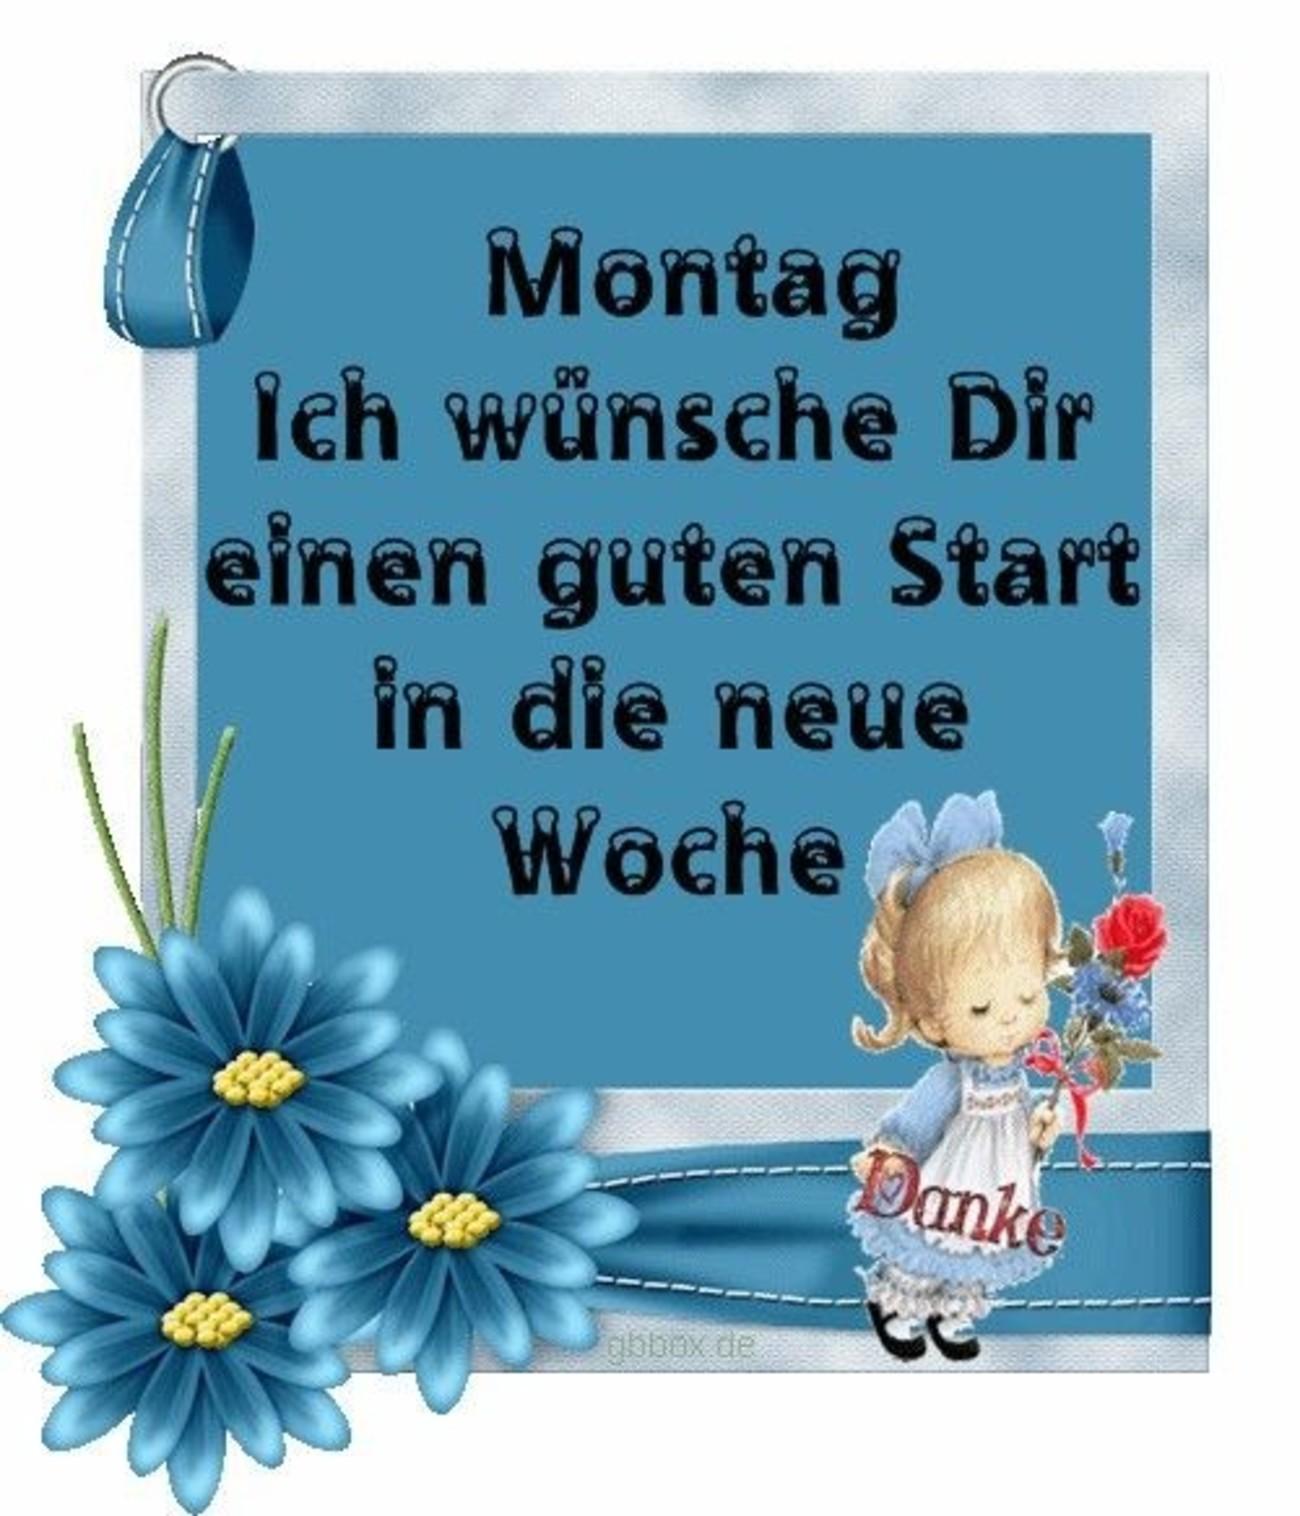 Guten Morgen Neue Woche bilder kostenlos WhatsApp Facebook 210